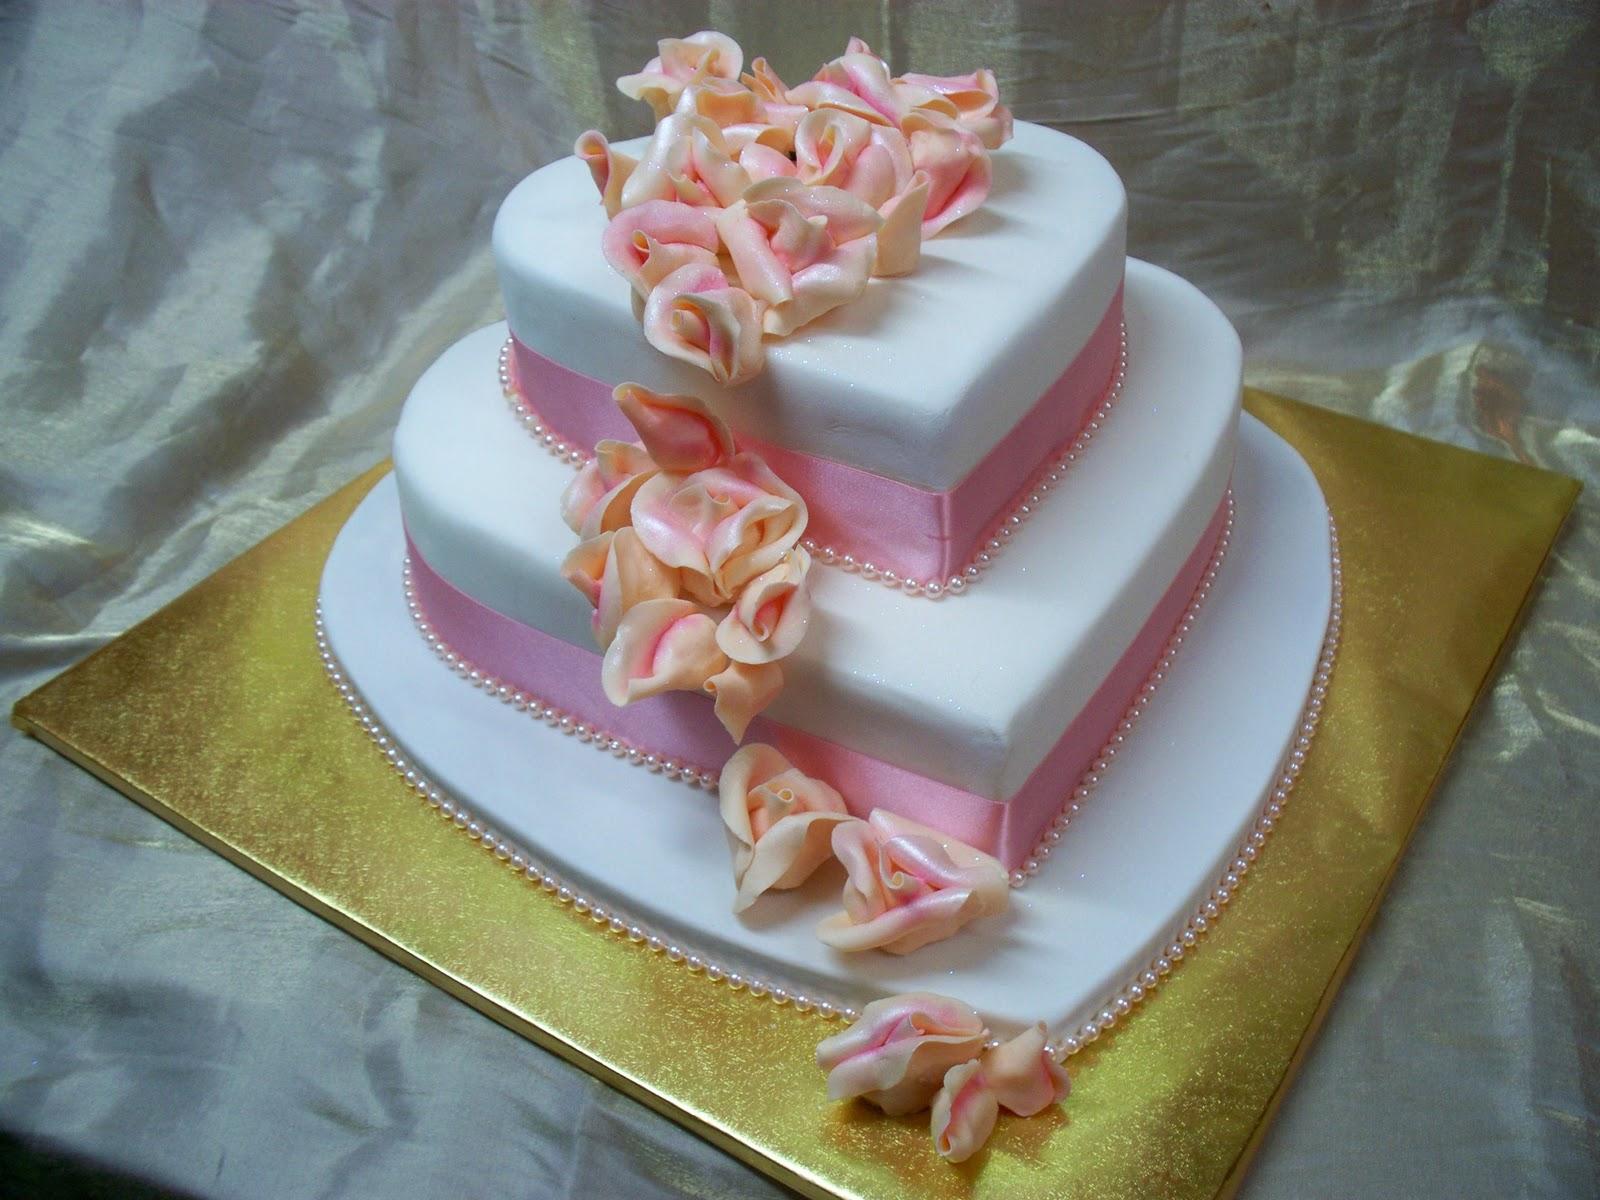 Fresco Foods cakes: DESIGN WEDDING CAKES - FRESCO FOODS GLENDENE ...